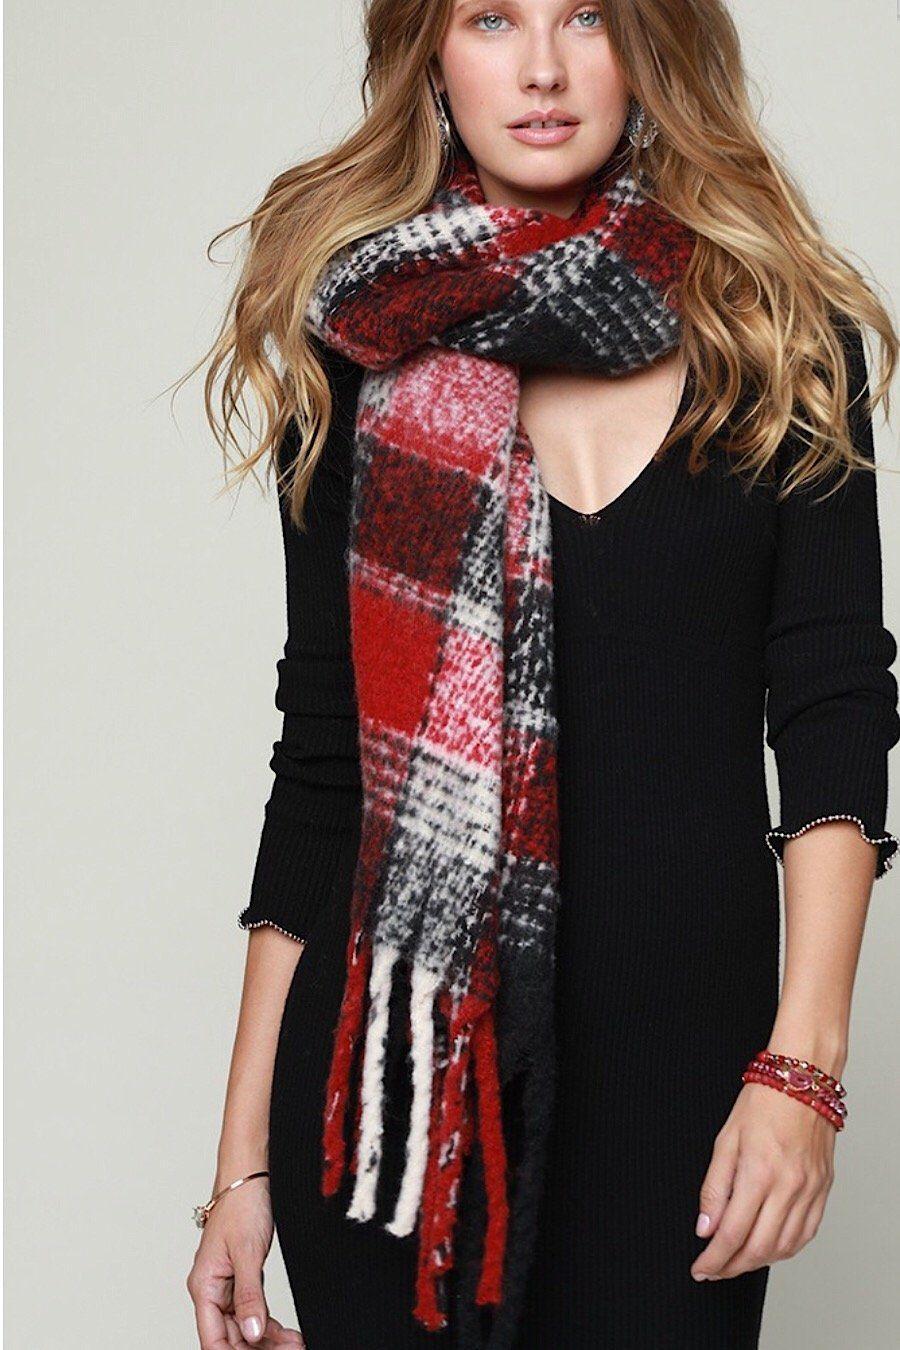 Fringe Plaid Blanket Scarf Scarf, Ways to wear a scarf